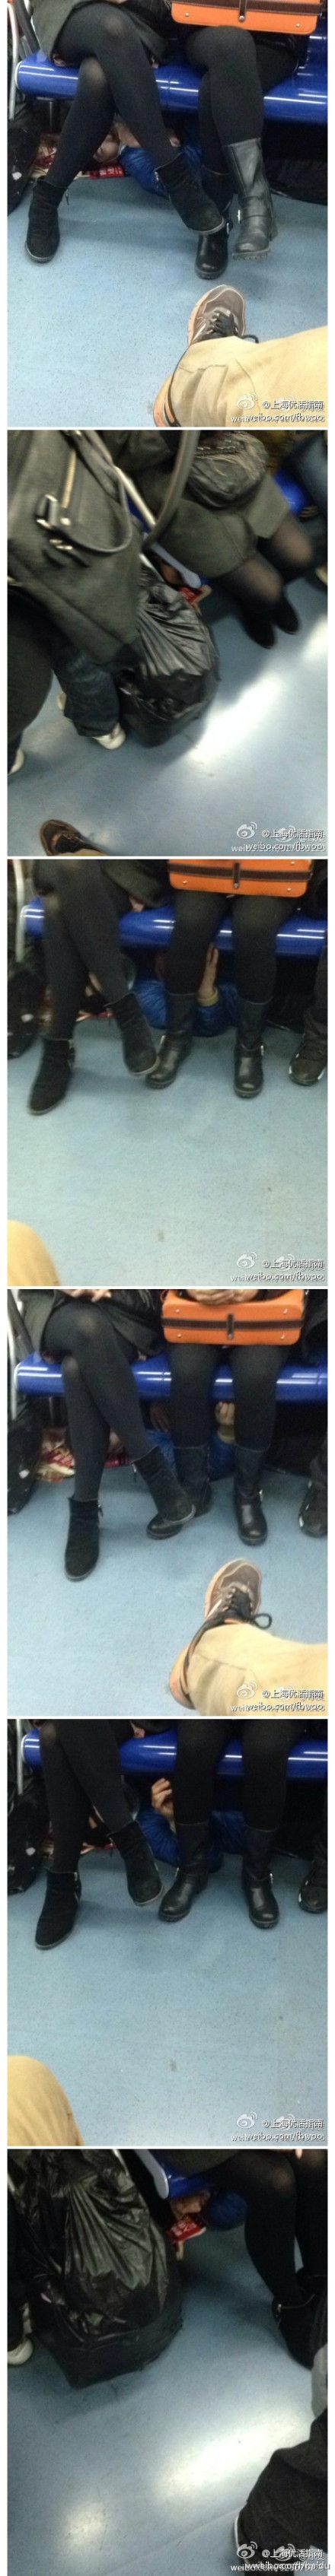 地铁二号线座位底下惊现奇葩摸腿猥琐男